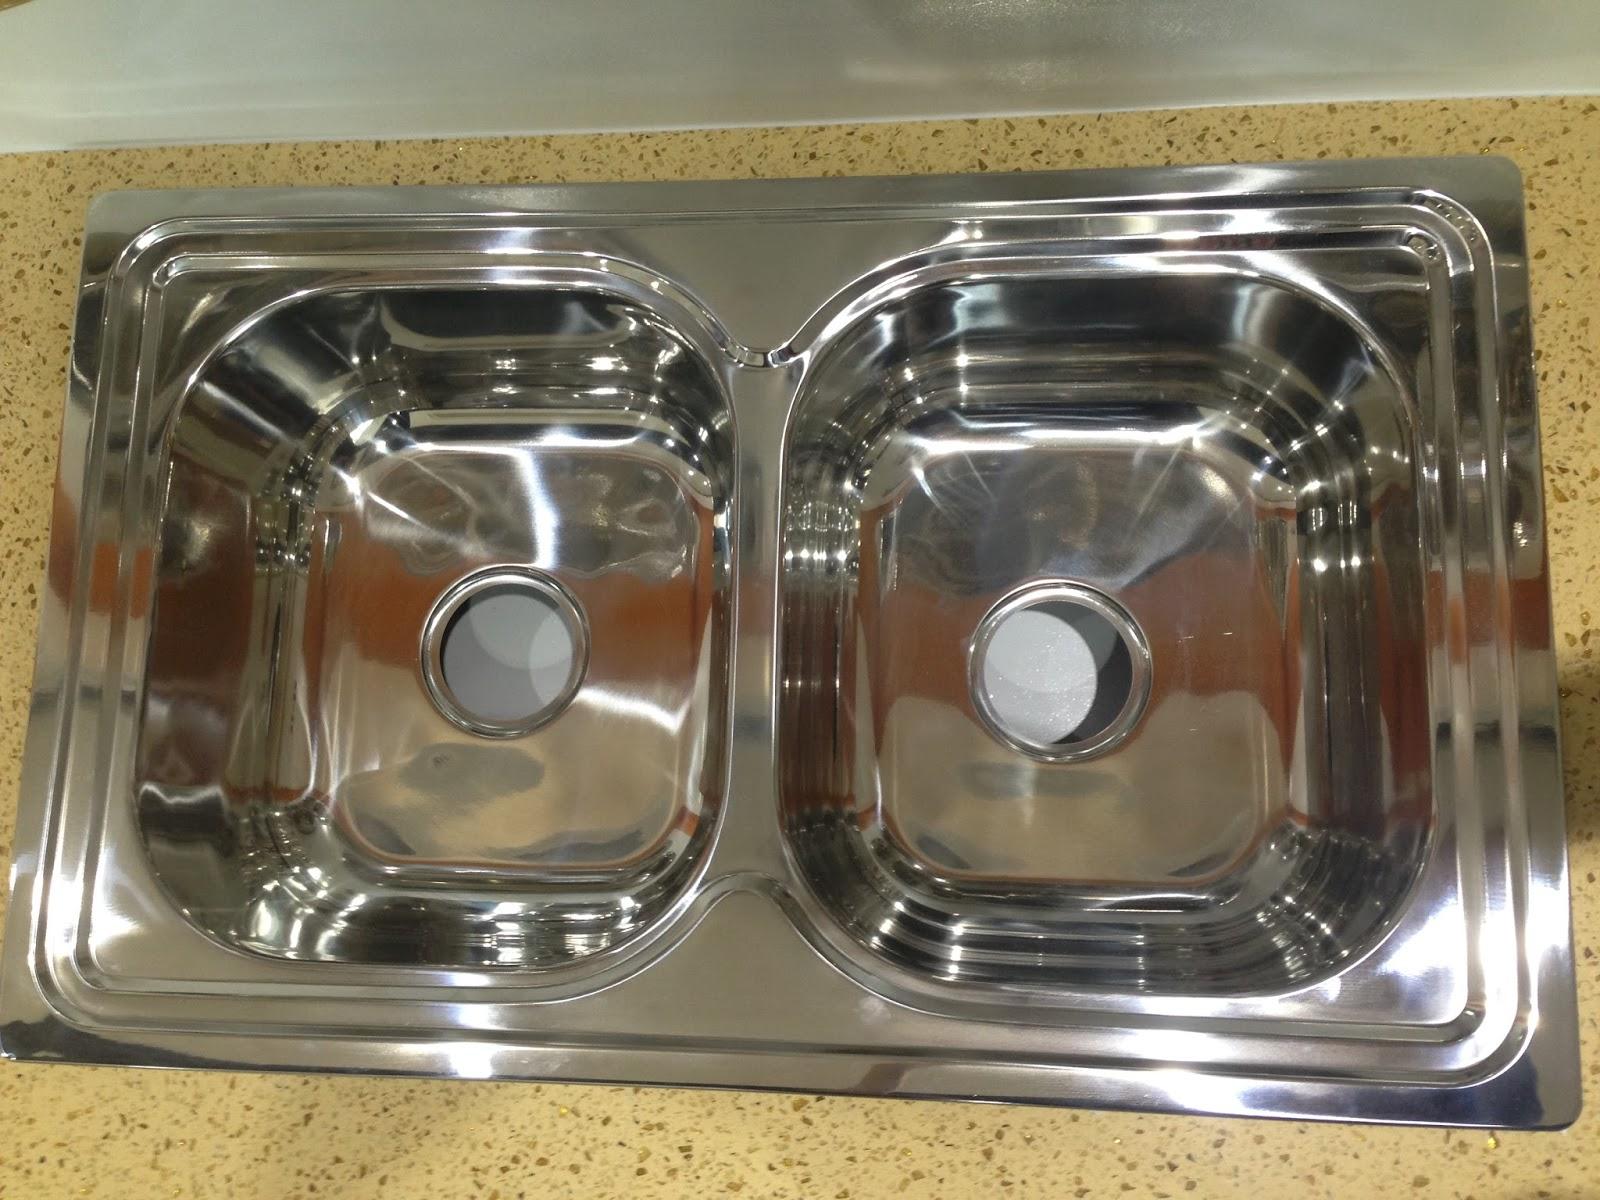 Stainless Steel Kitchen Sink Manufacturer